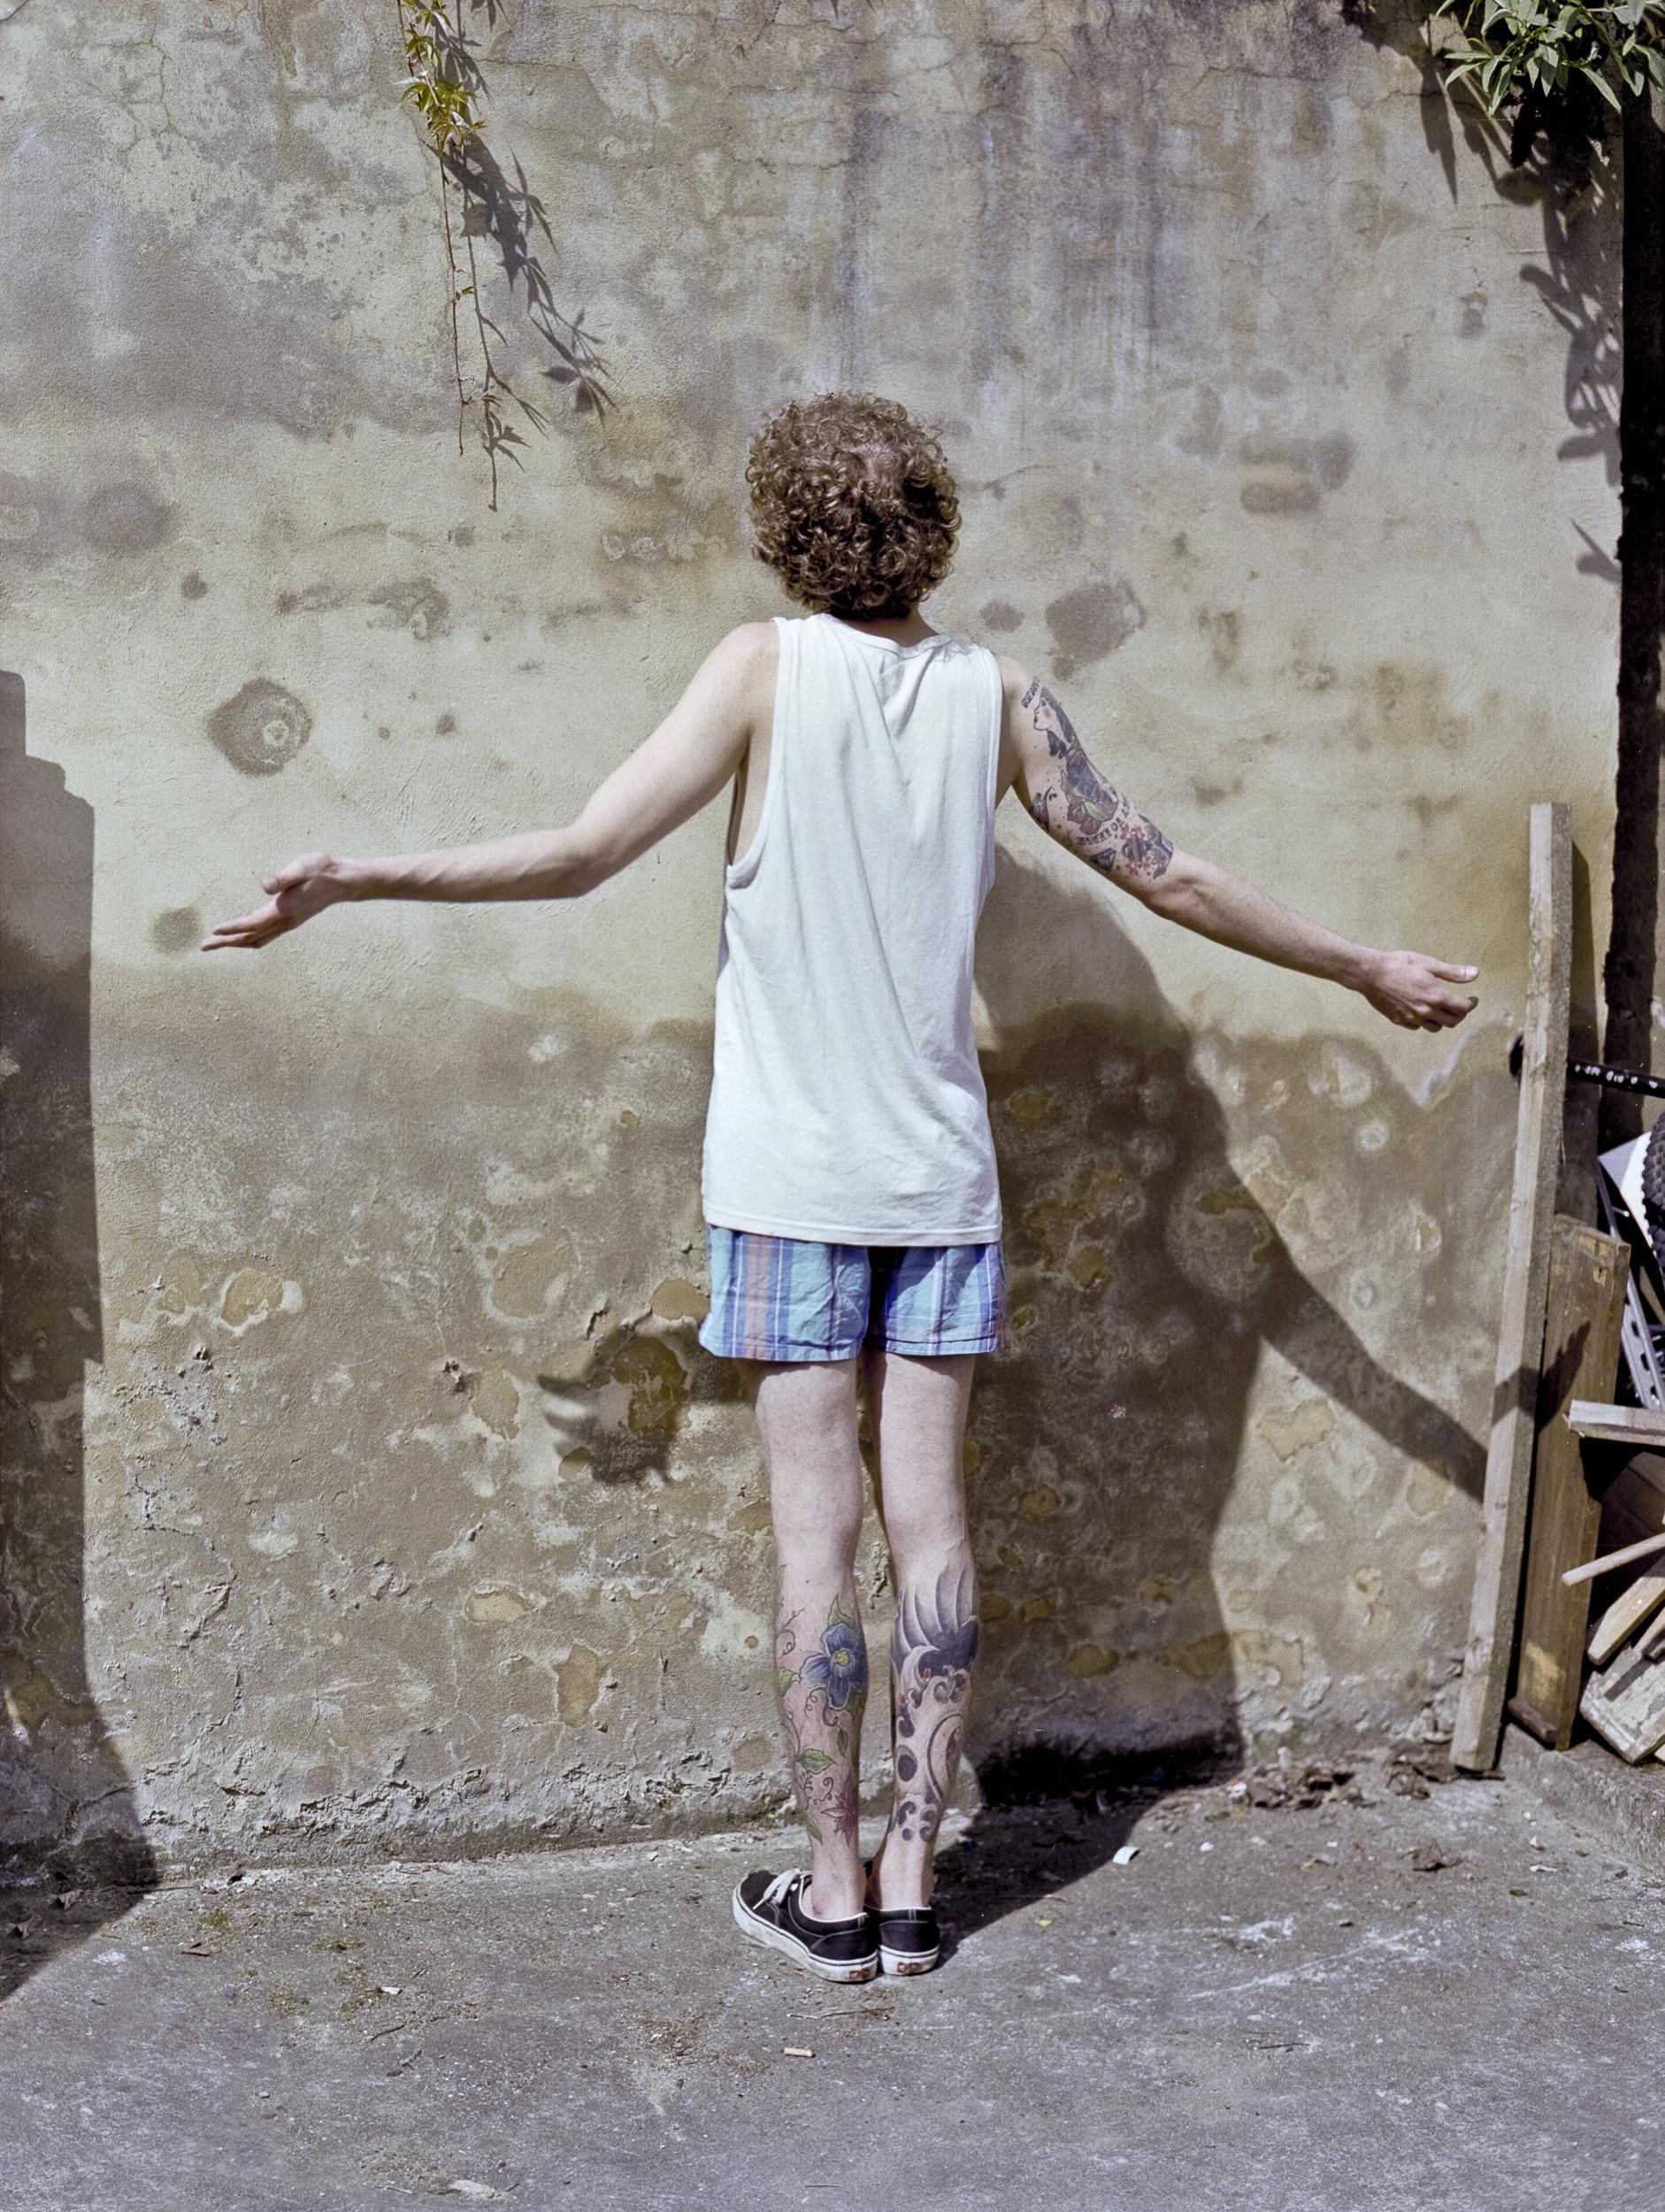 Marek_Against the Wall